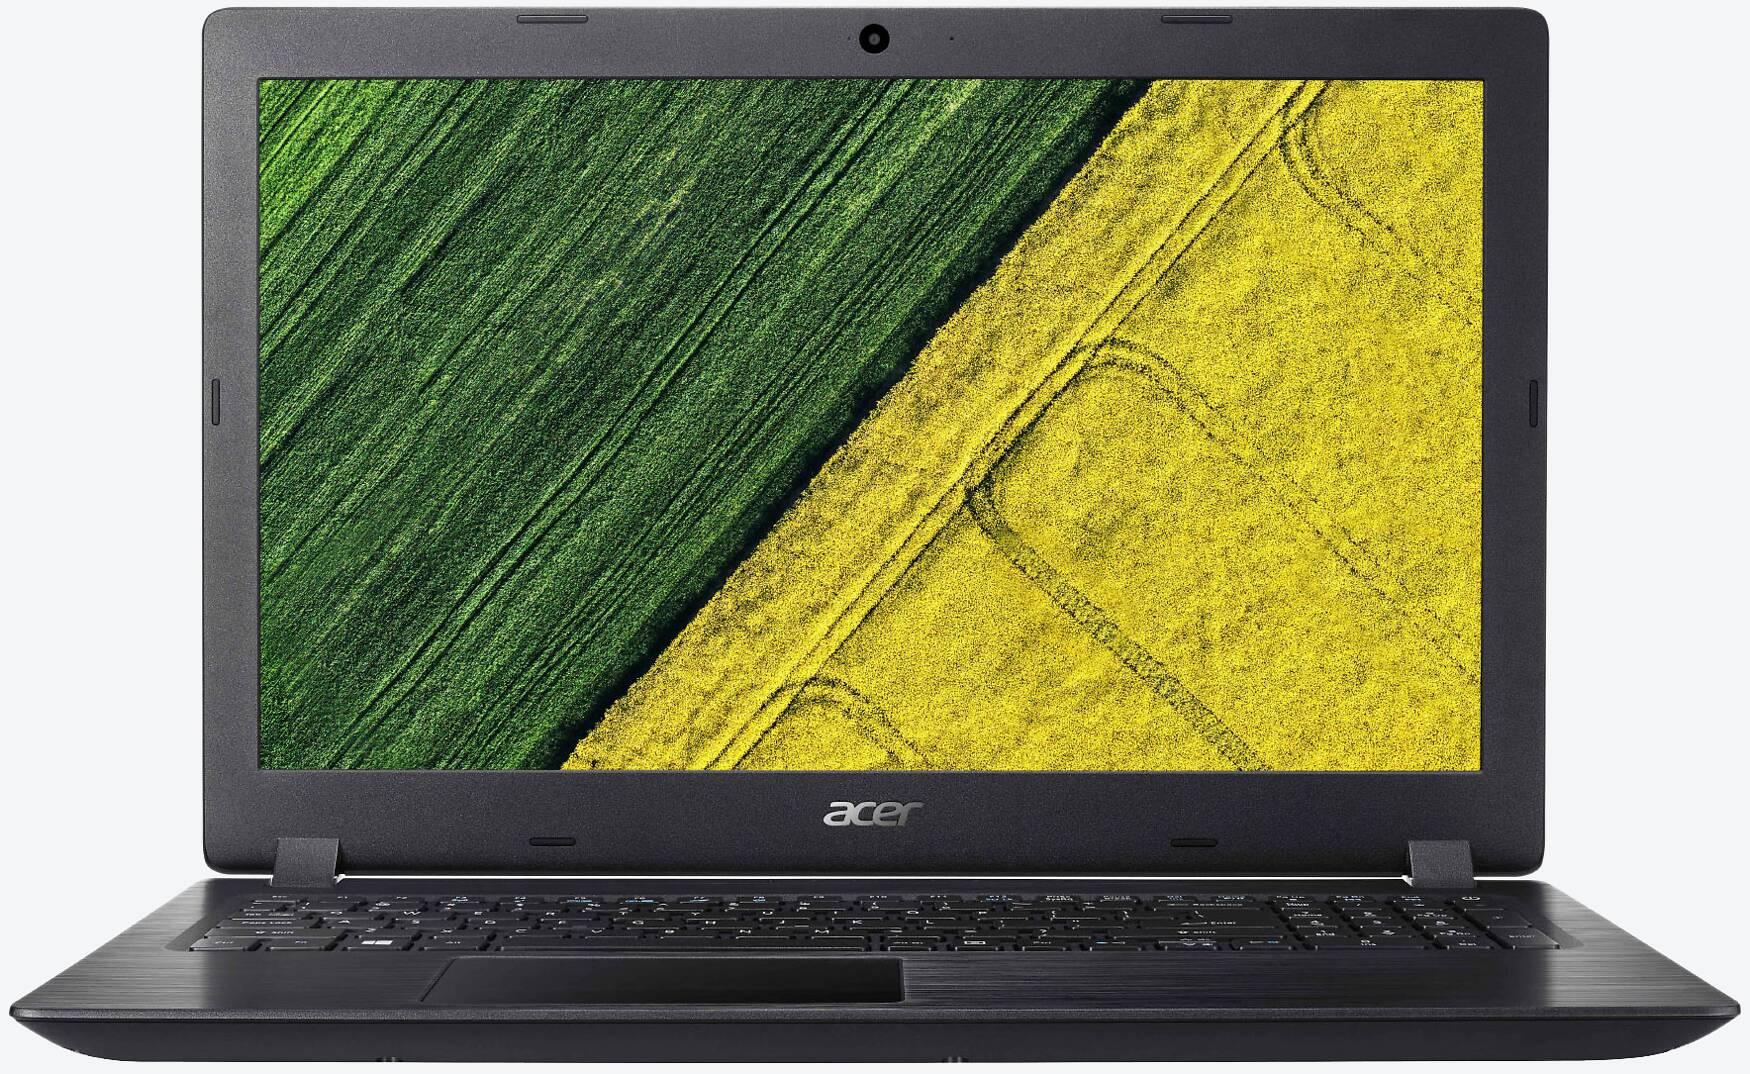 Acer Aspire 3 A315-32-P57E